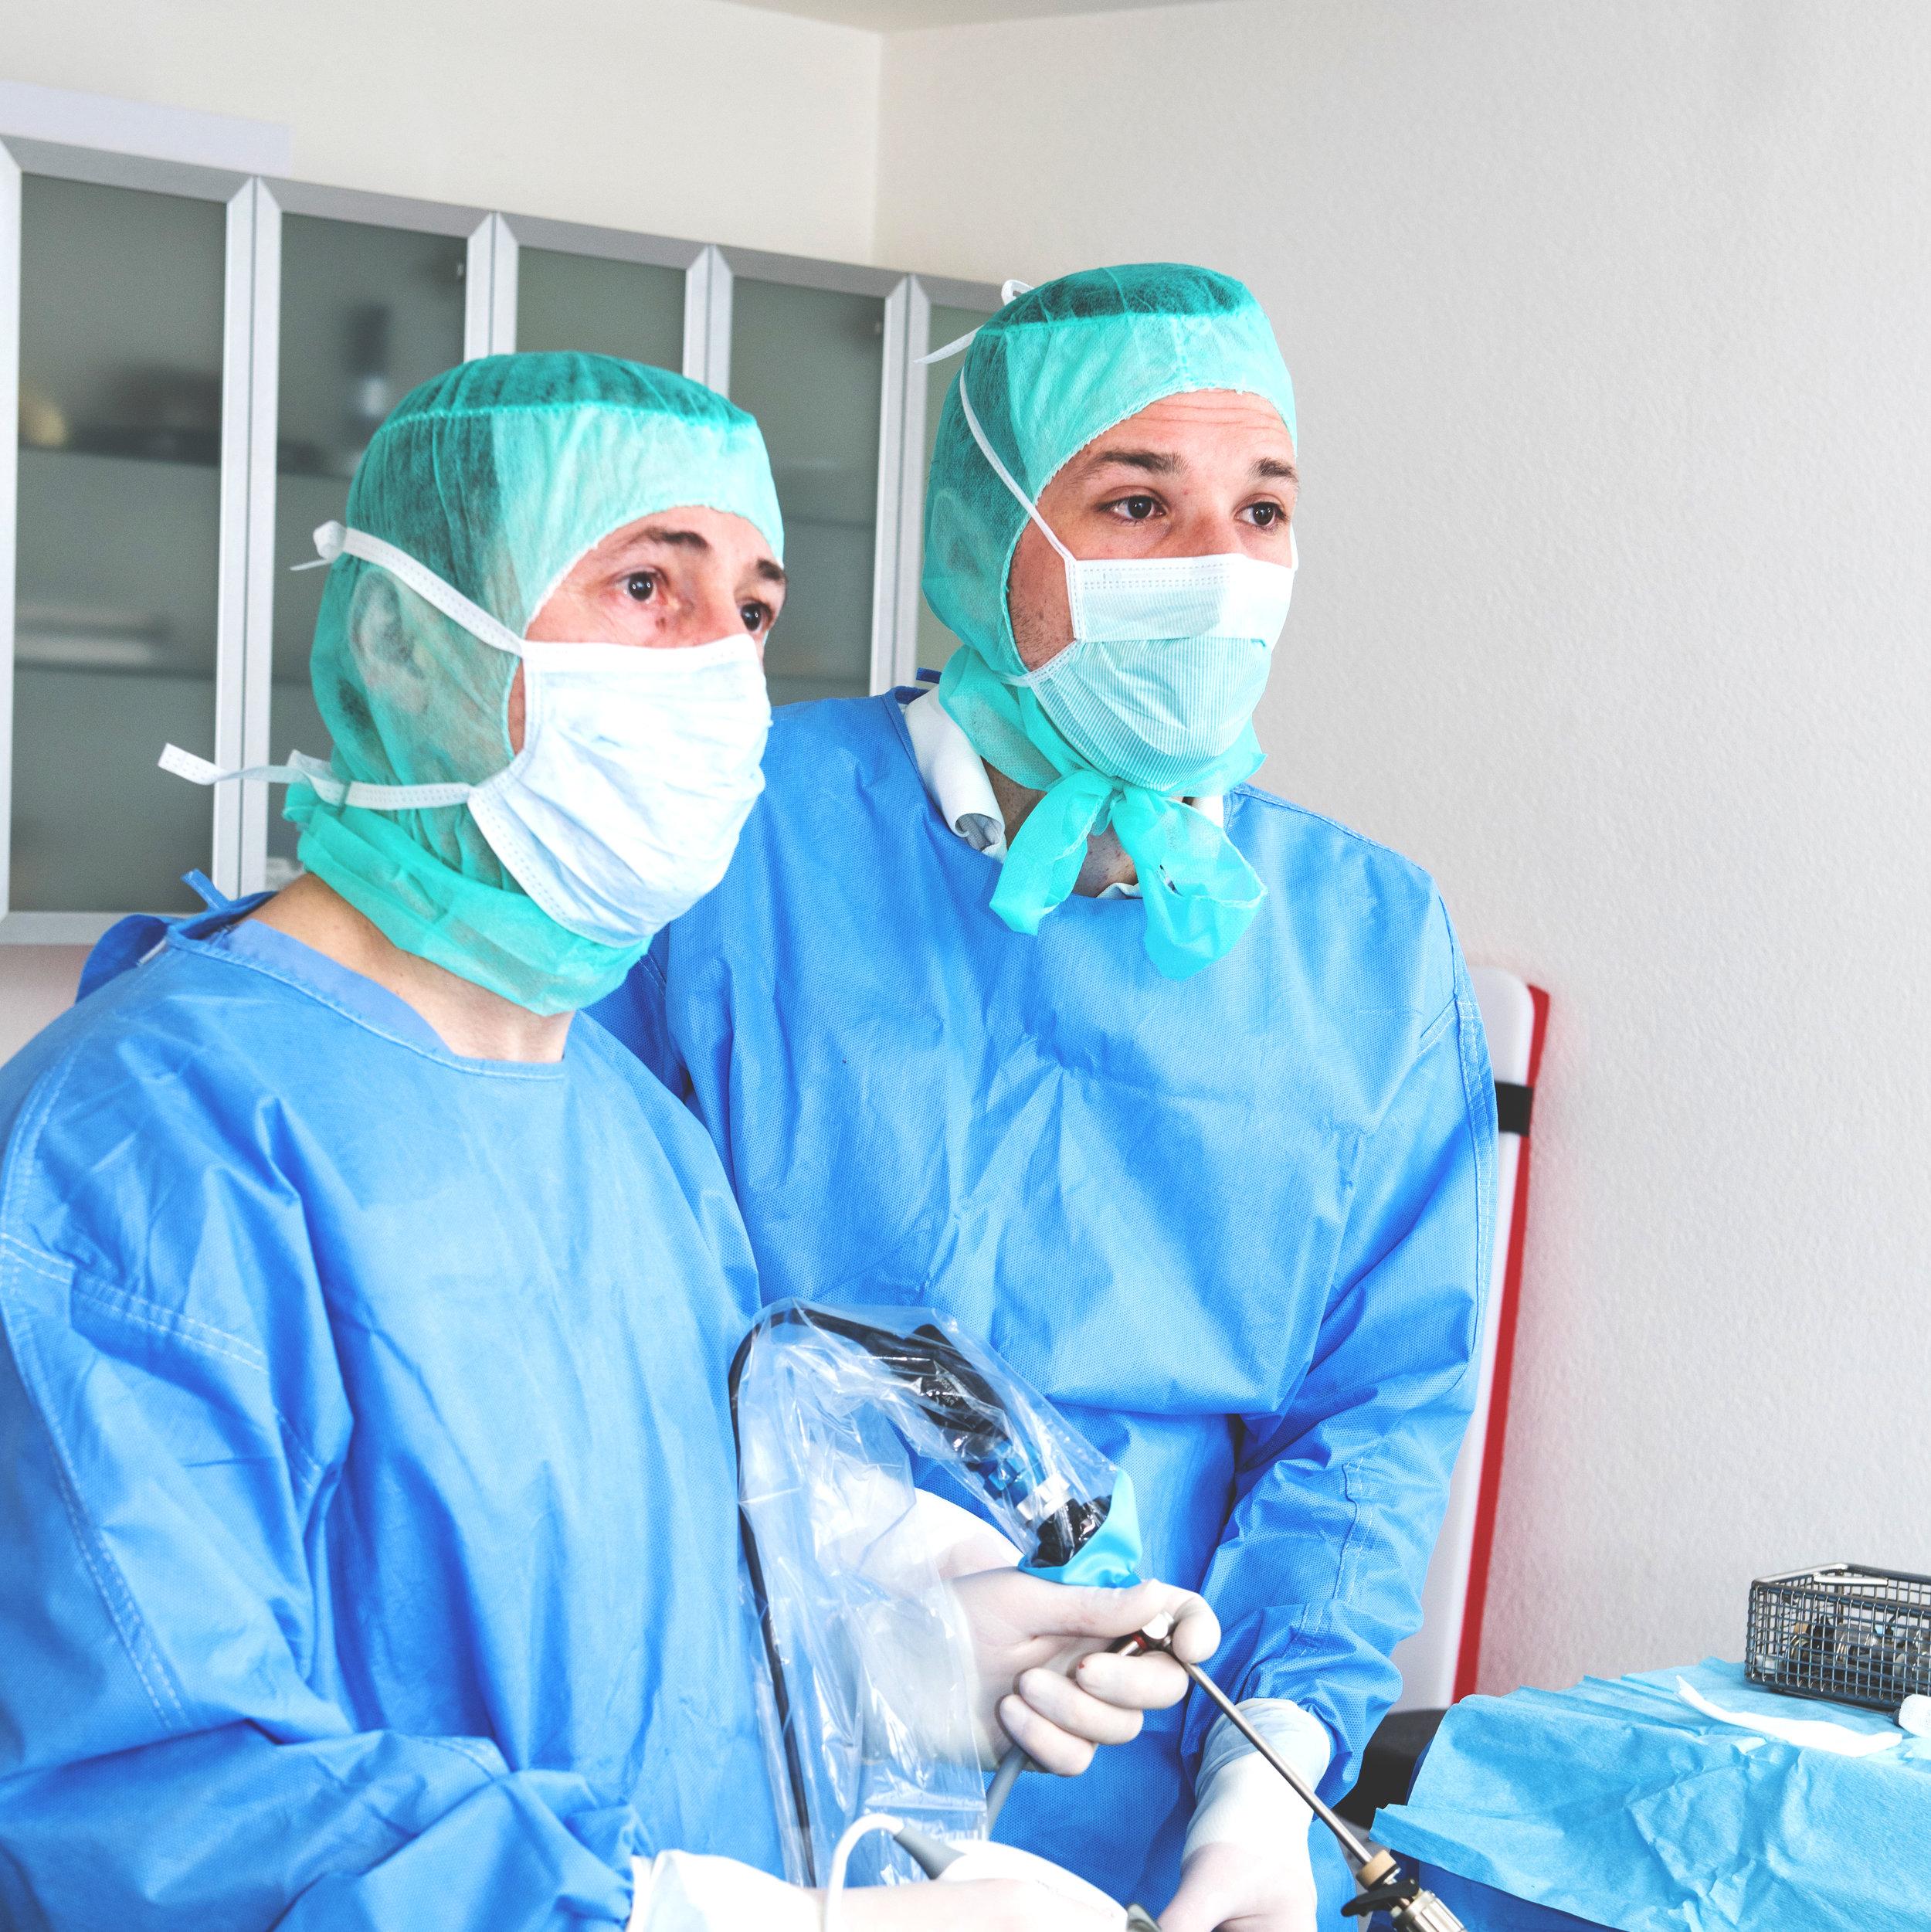 4260-Chirurgie.jpg